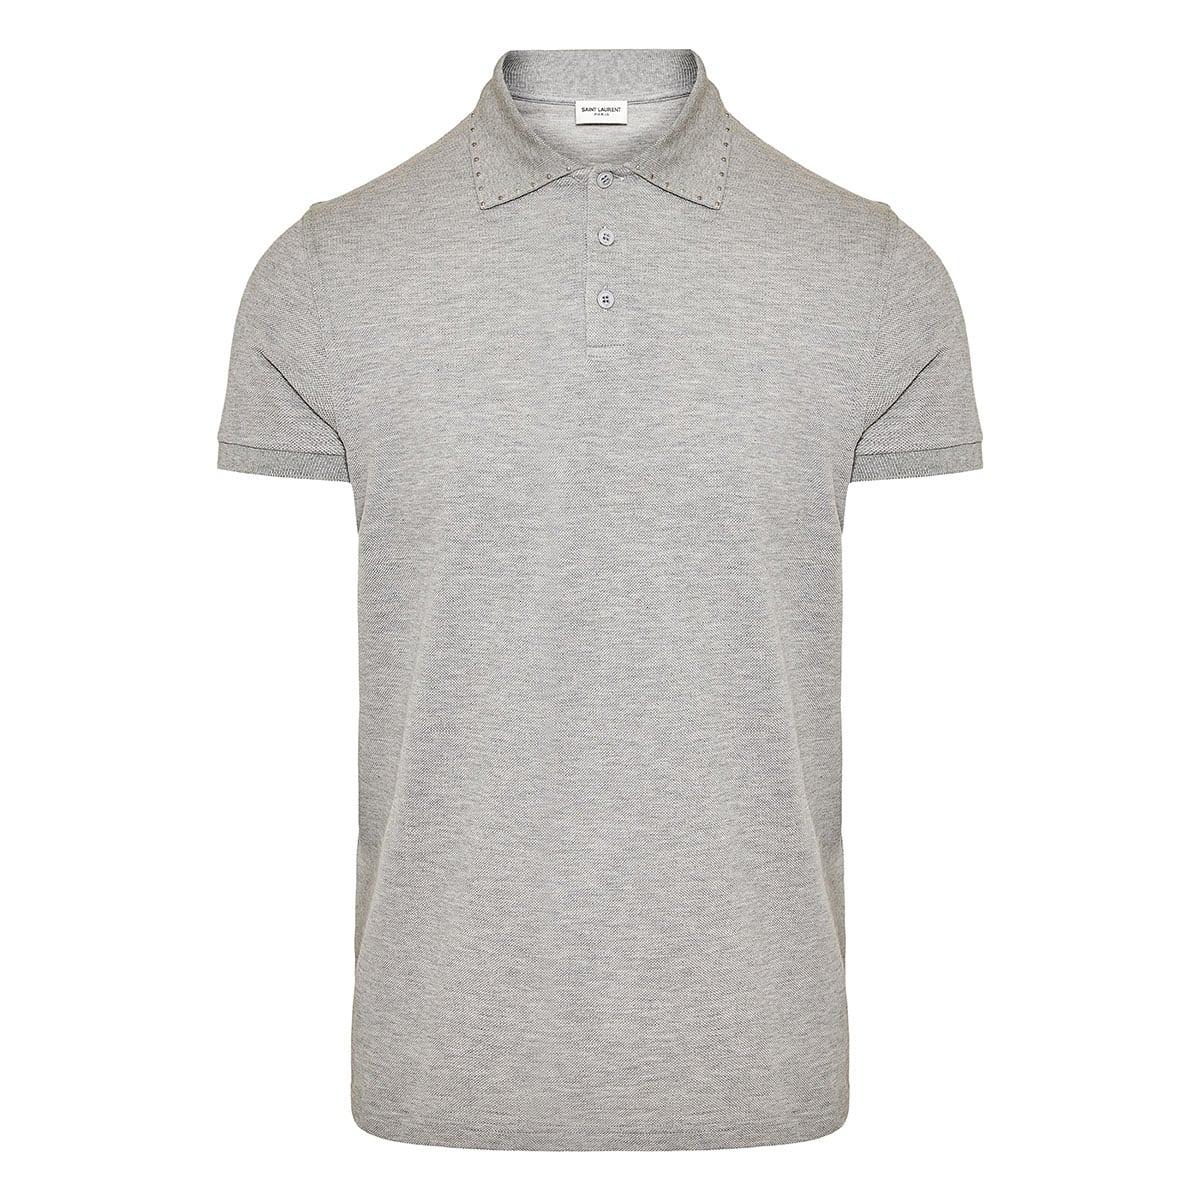 Stud-detailed polo shirt